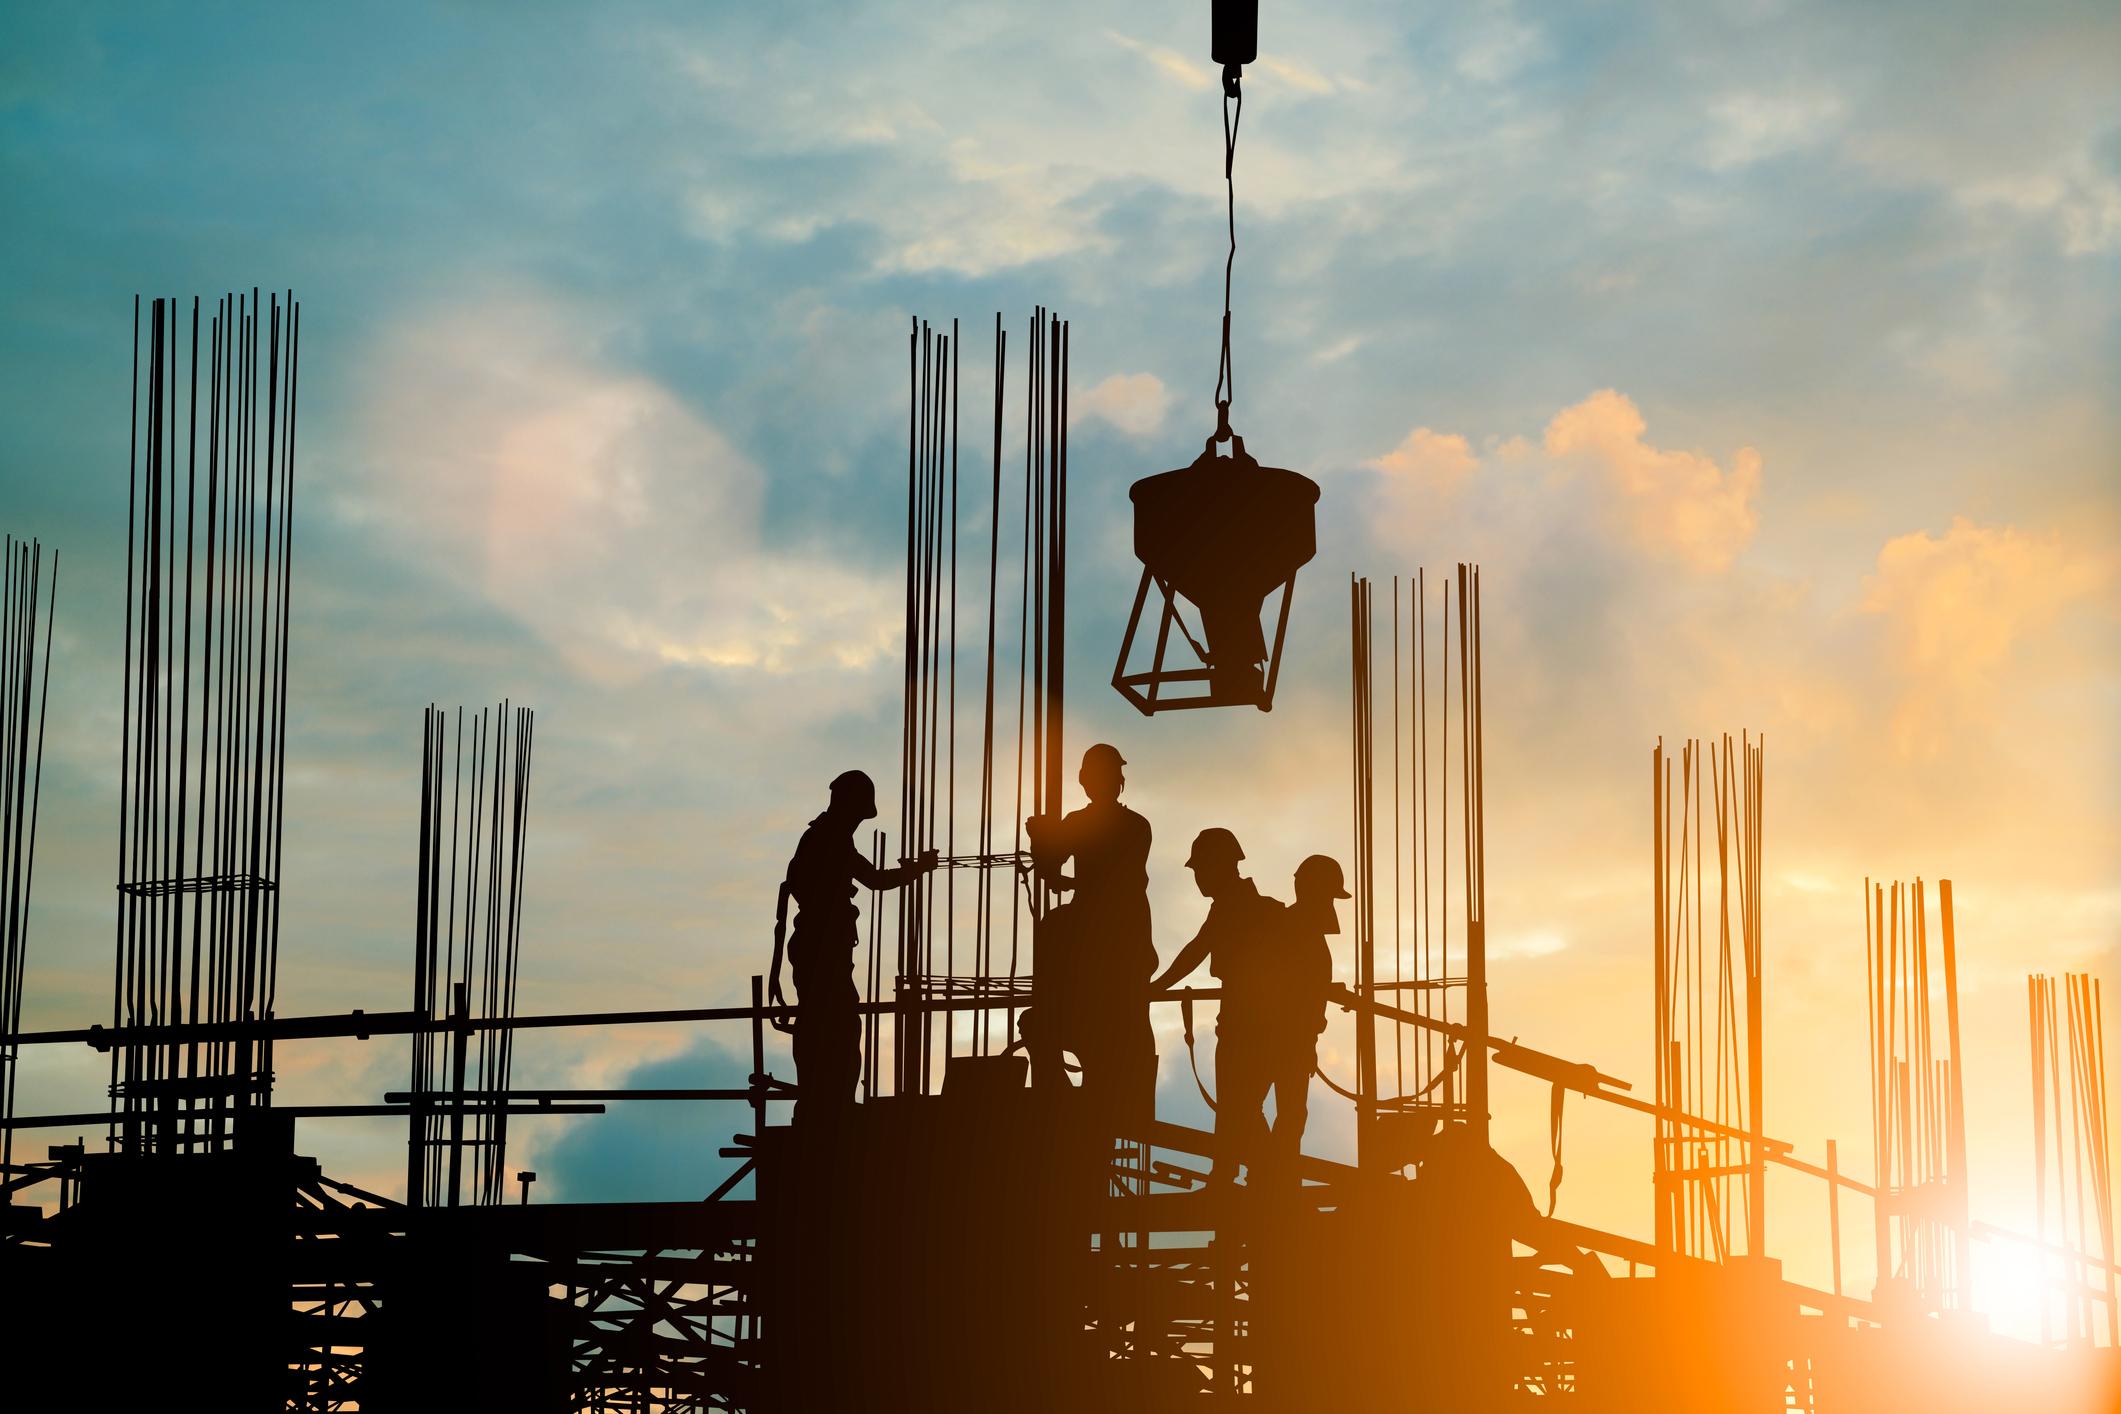 In materia di edilizia, si è avuto un aggiornamento recente a febbraio 2018. Le precisazioni riguardano l'affidamento di servizi di progettazione e lavori sugli edifici pubblici in caso di: Nuova costruzione Ristrutturazione Manutenzione